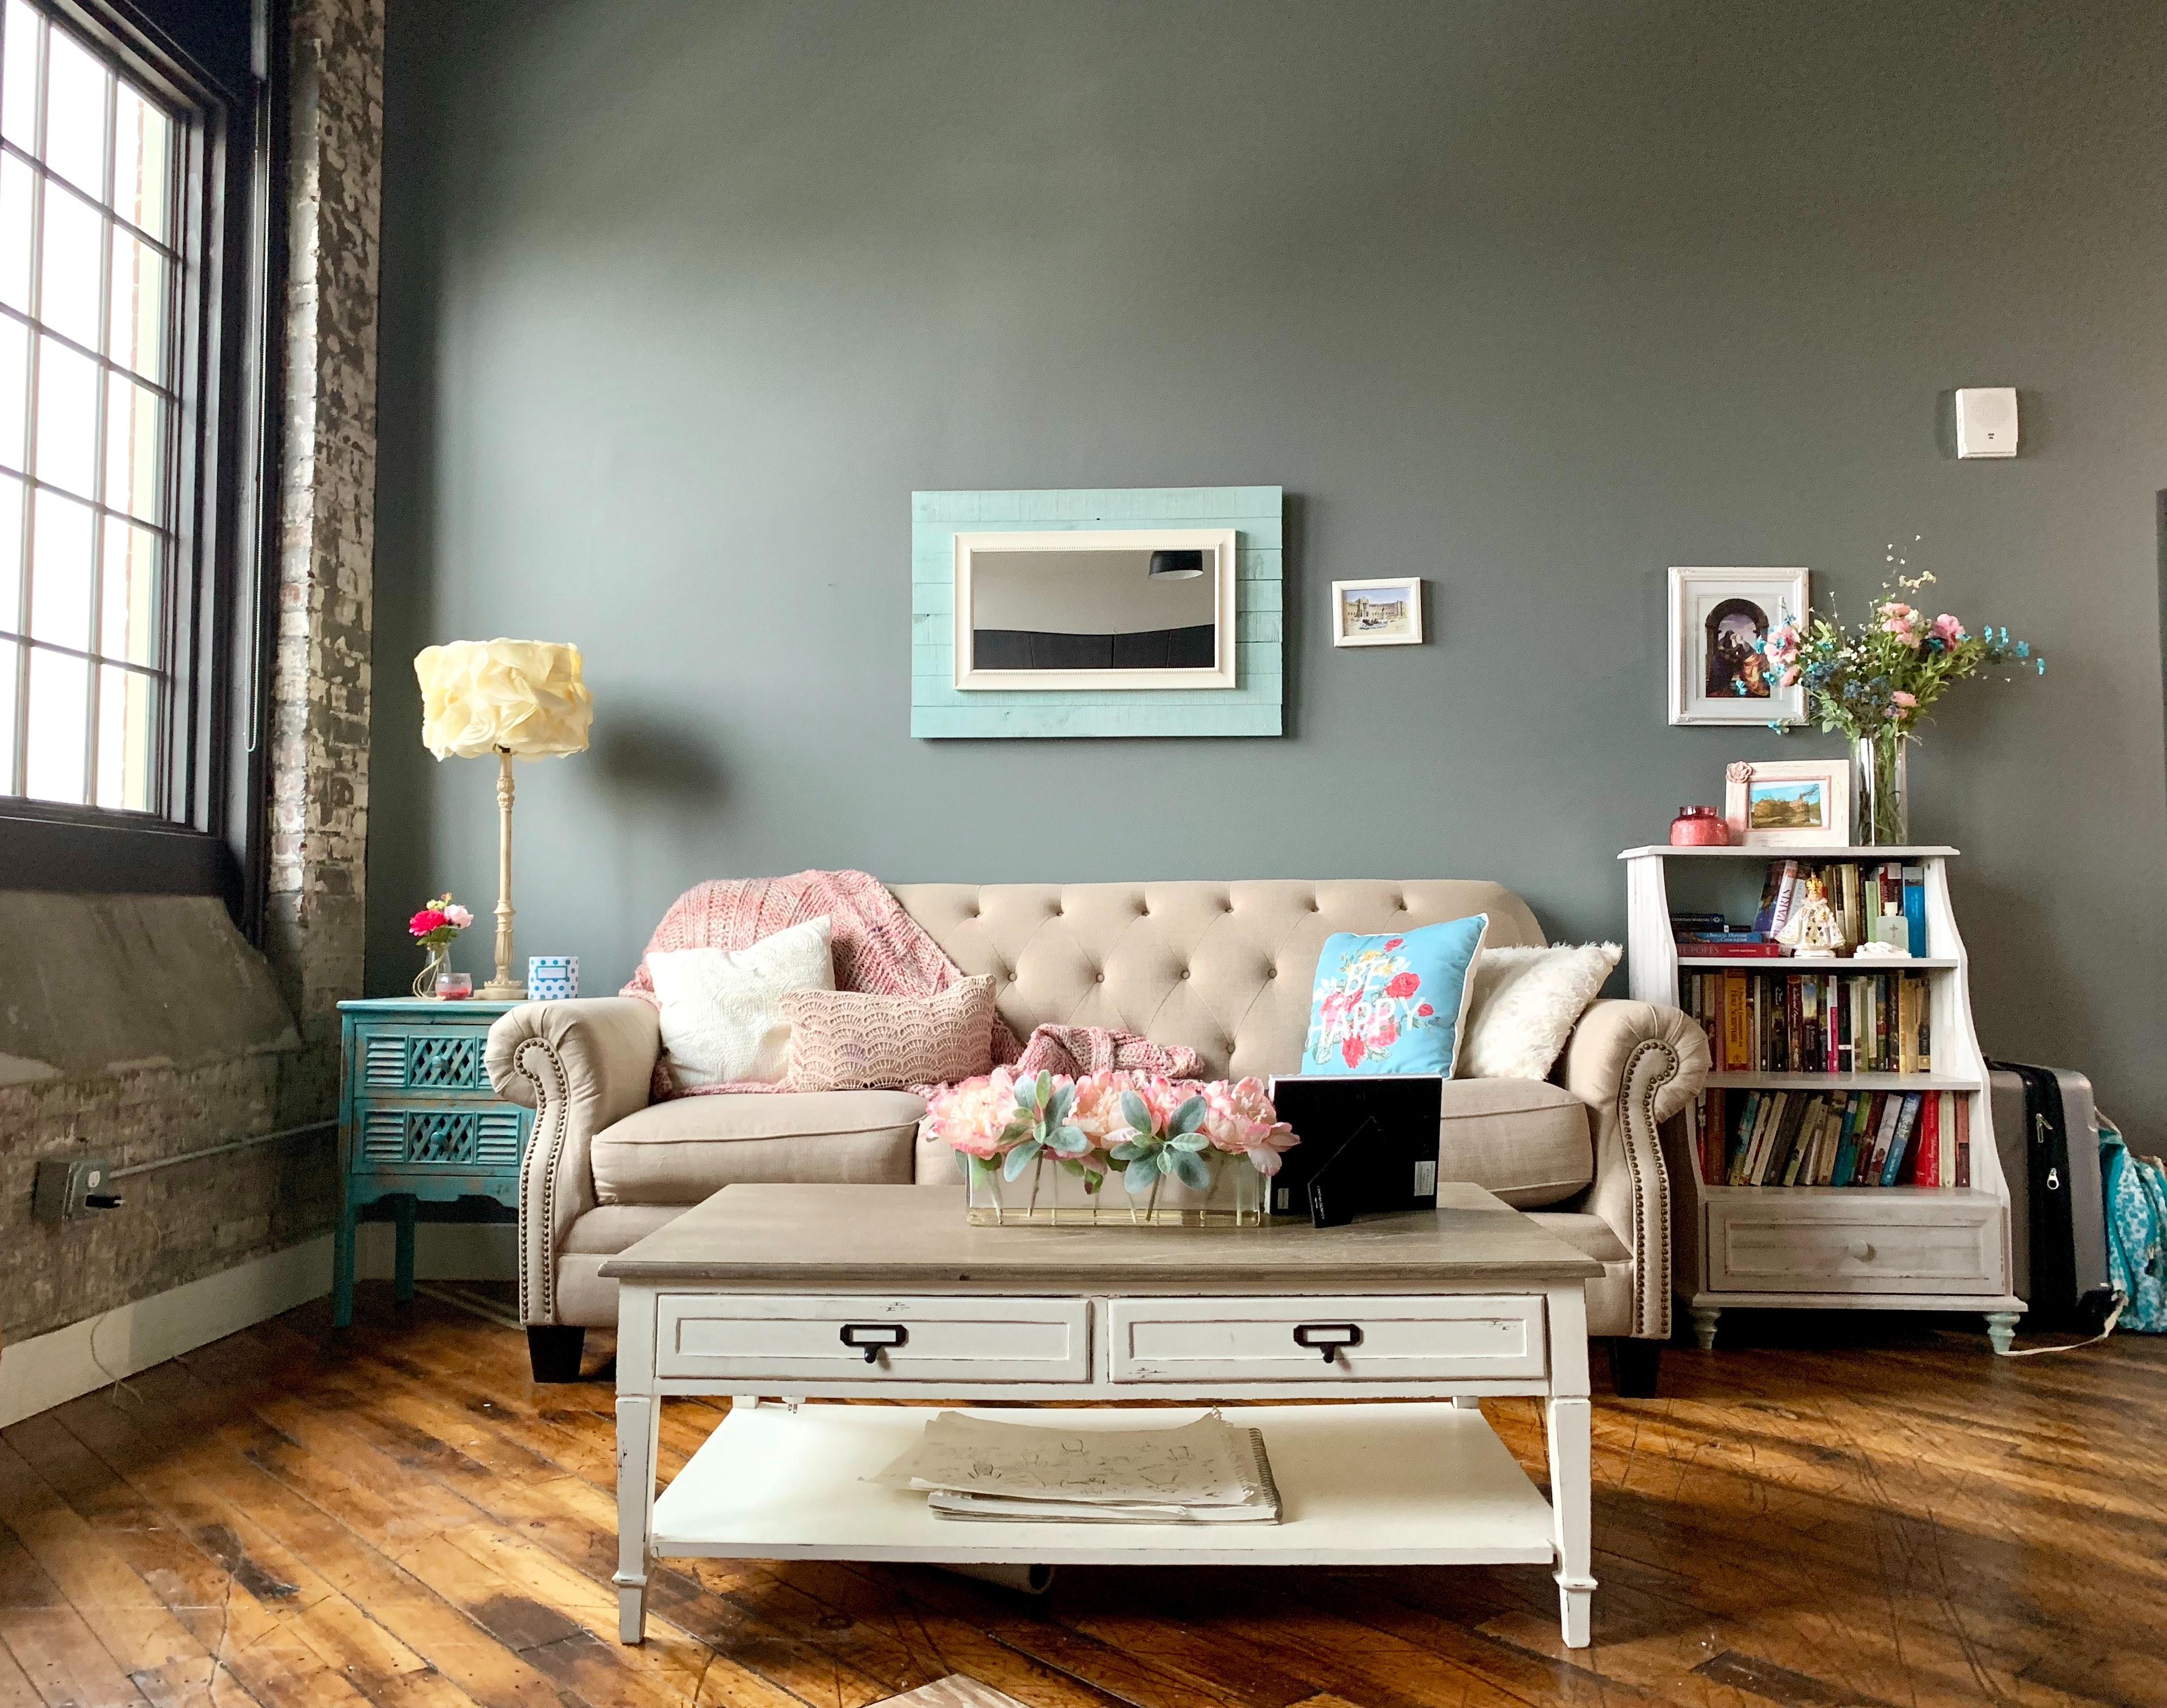 sala com sofá rosa centralizado e mesa de centro branca com detalhes em marfim